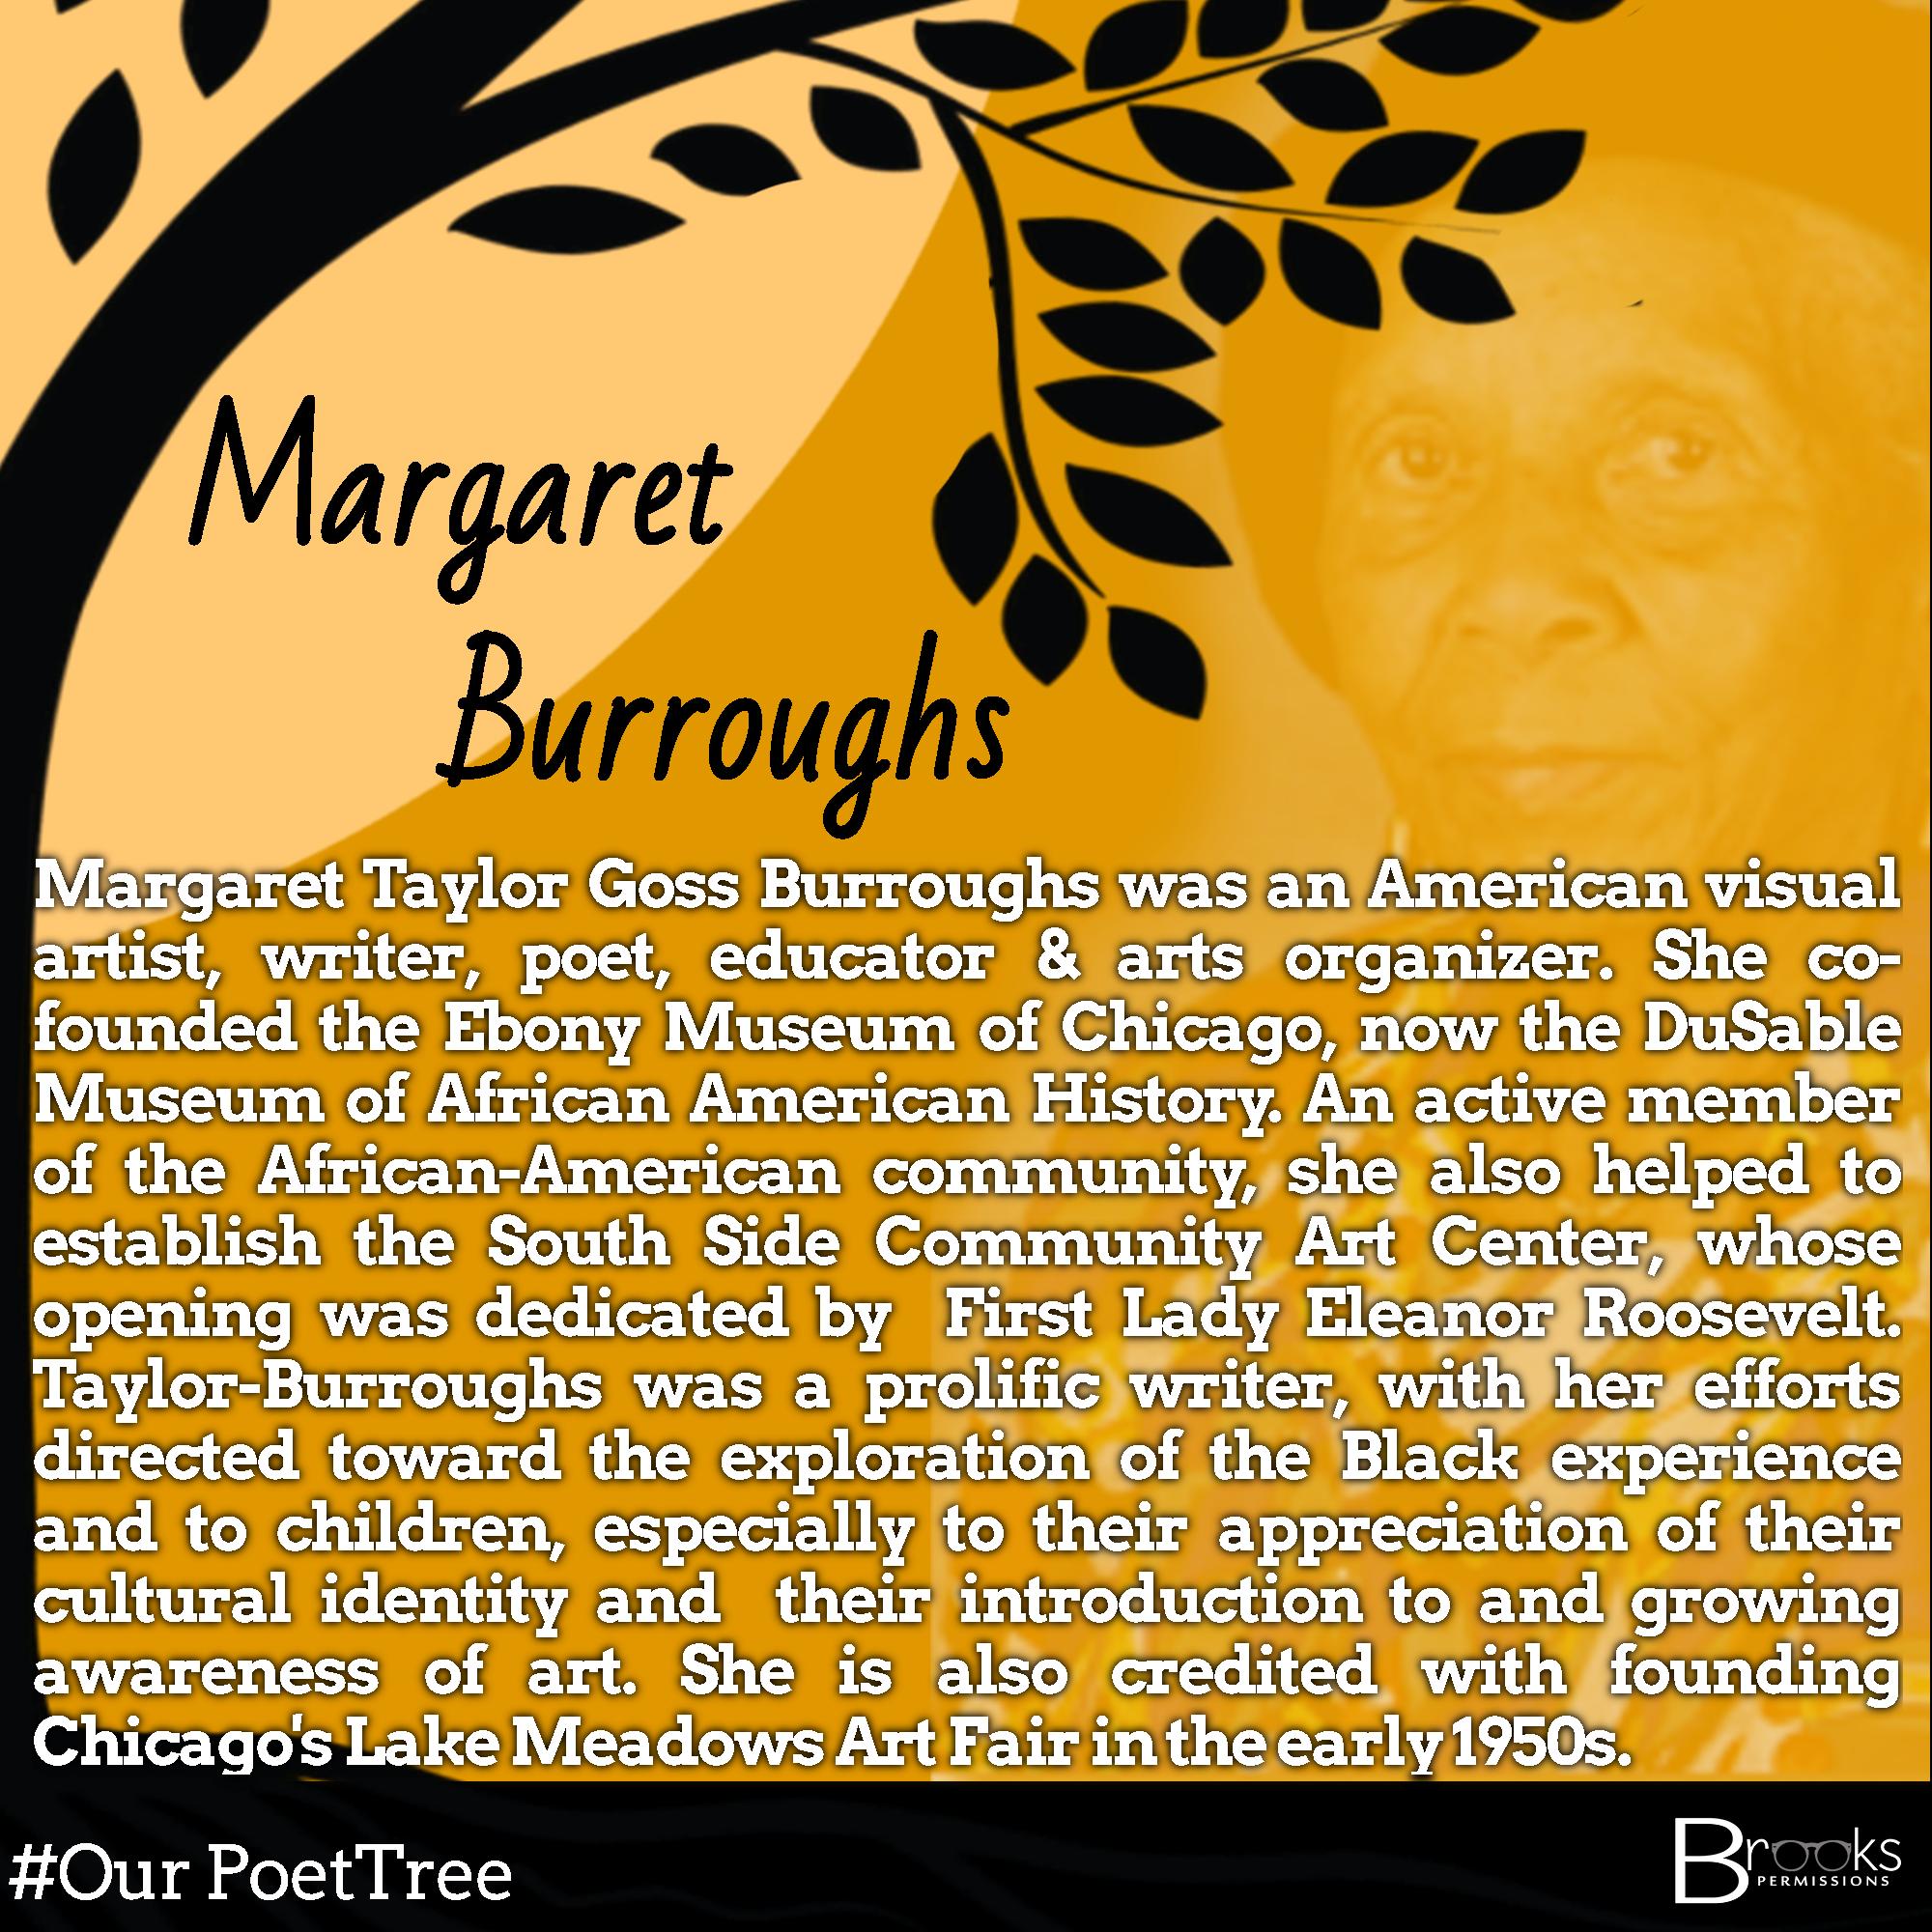 MargaretBurroughs